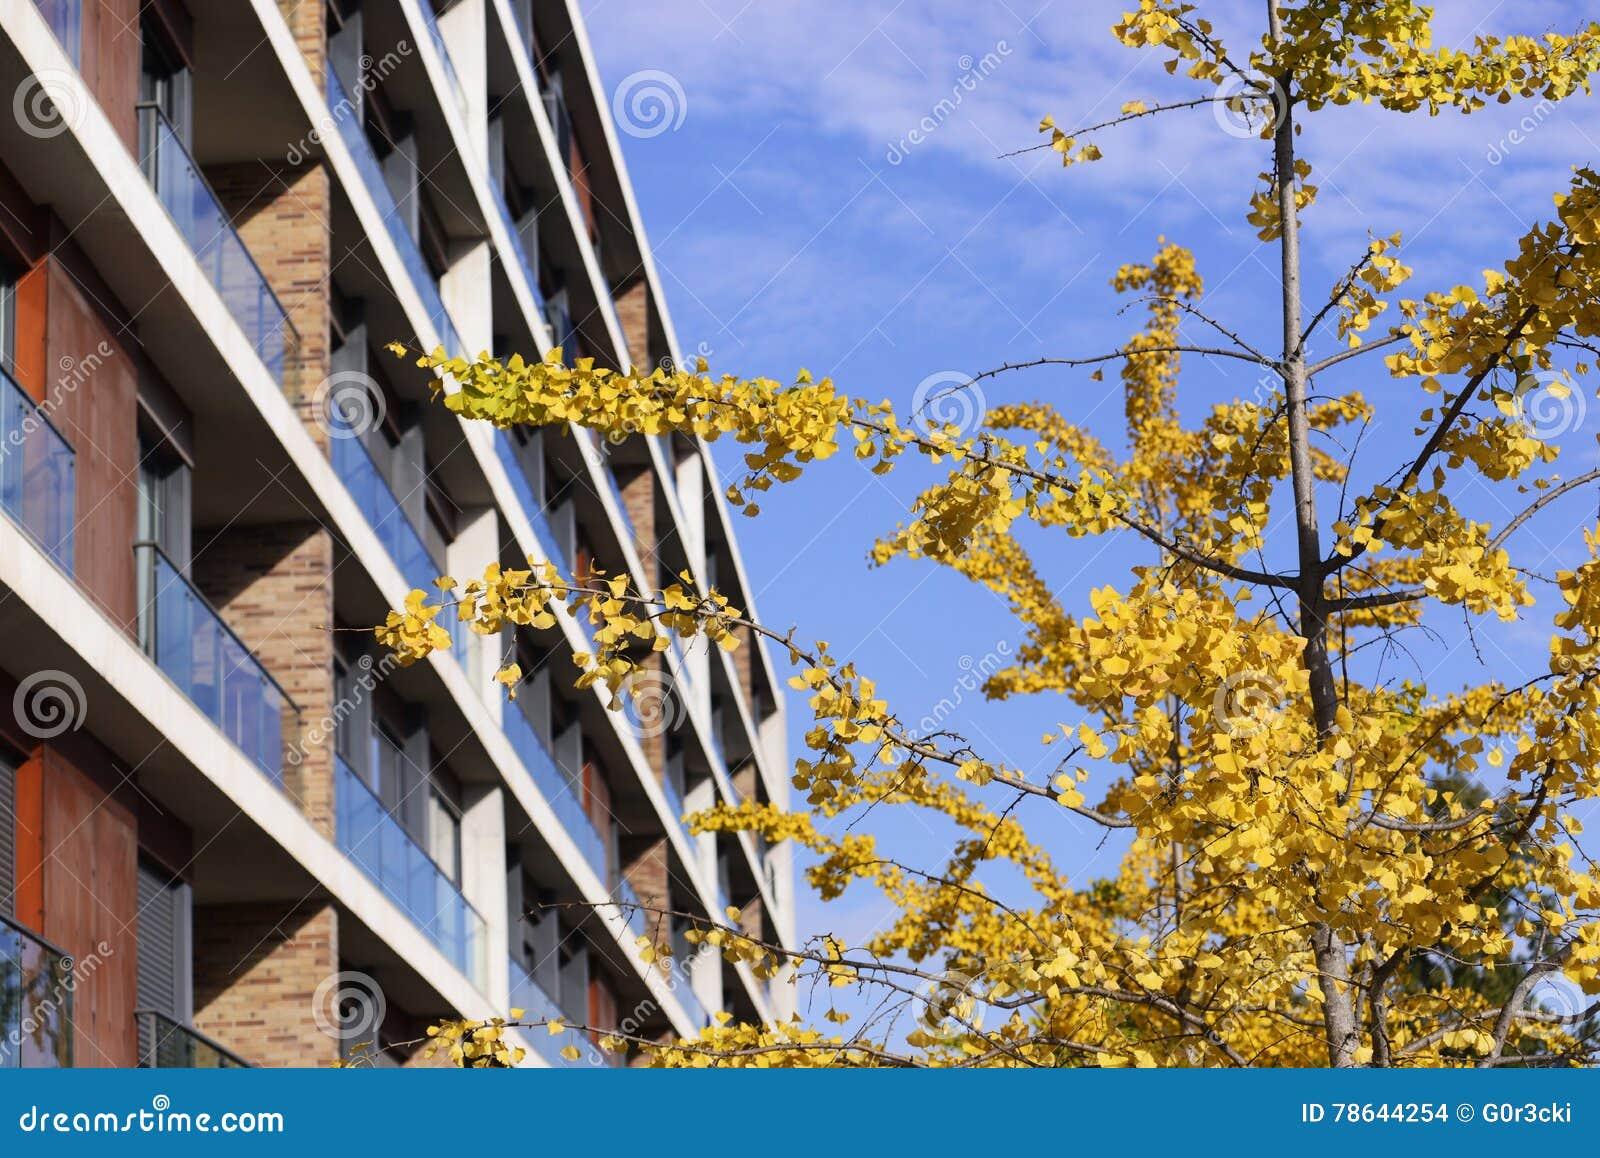 Żółci jesień liście, niebieskie niebo, Intymny mieszkanie własnościowe